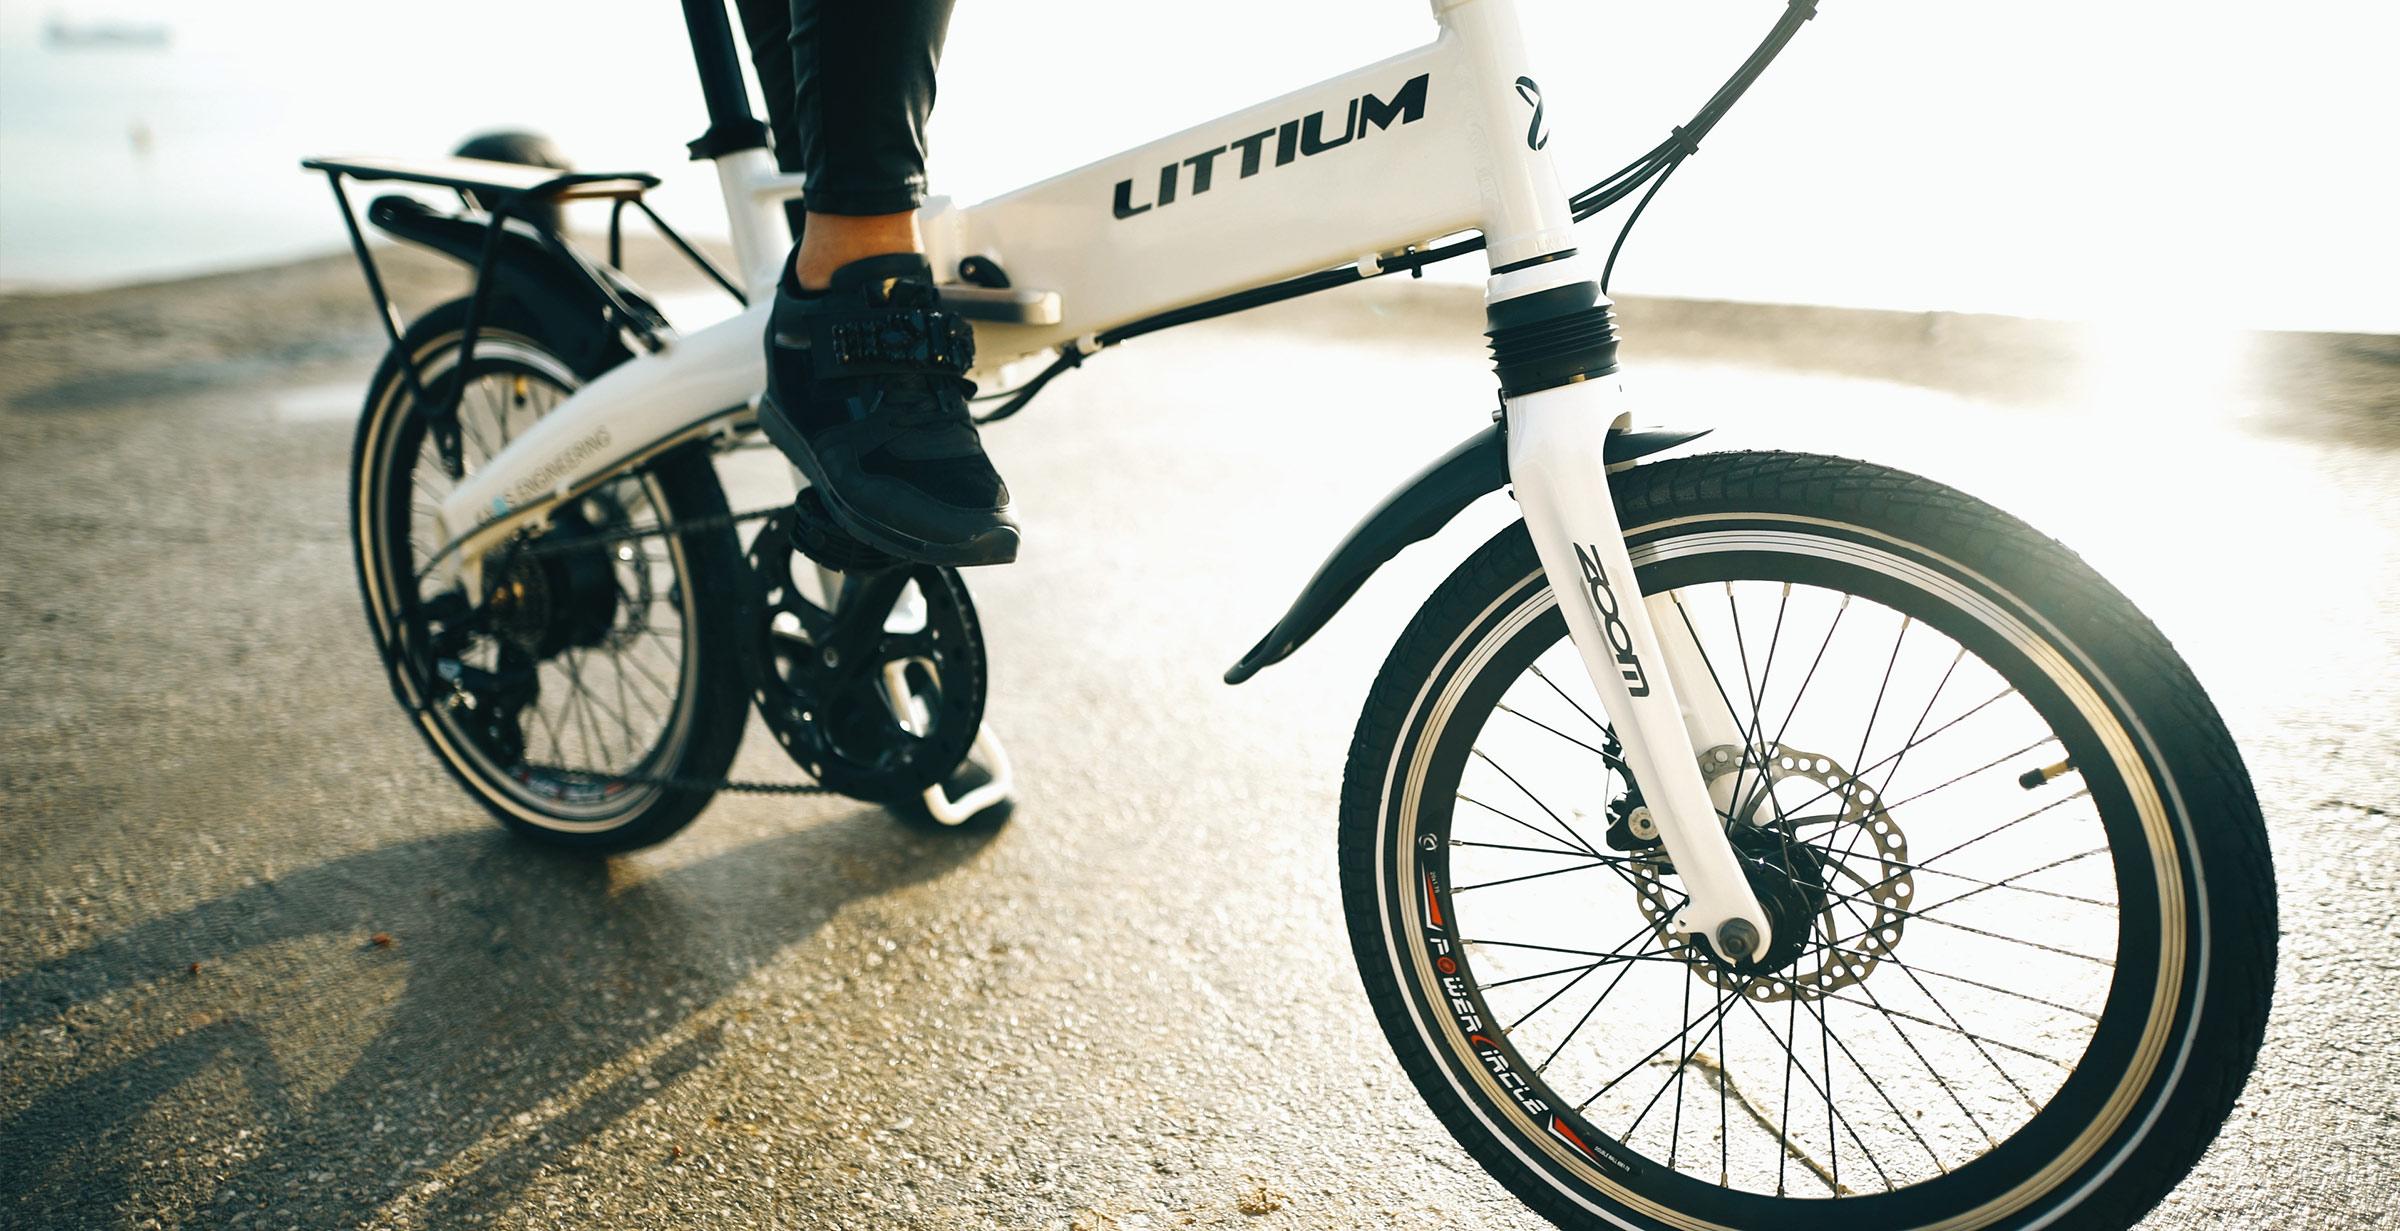 Littium y Avintia Racing: experiencia y ambición para el Mundial de MotoE